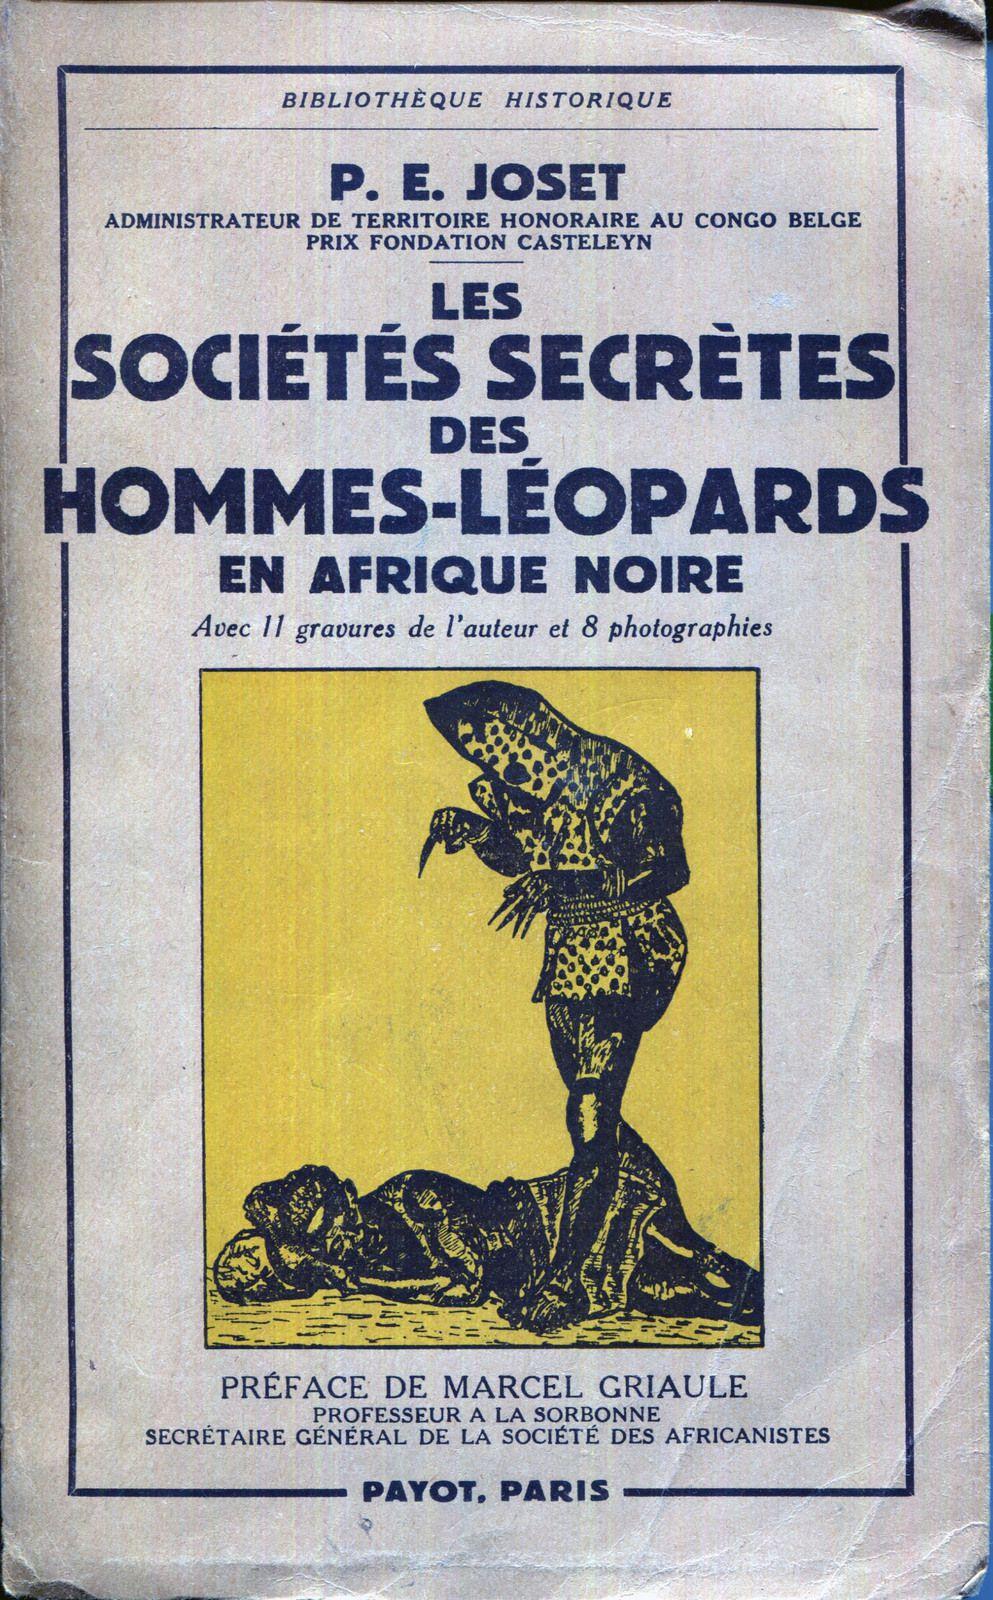 """Les hommes-léopards ont fait l'objet d'études ethnographiques sérieuses, mais aussi ont inspiré des auteurs de fiction, notamment Hergé dans """"Tintin au Congo""""."""